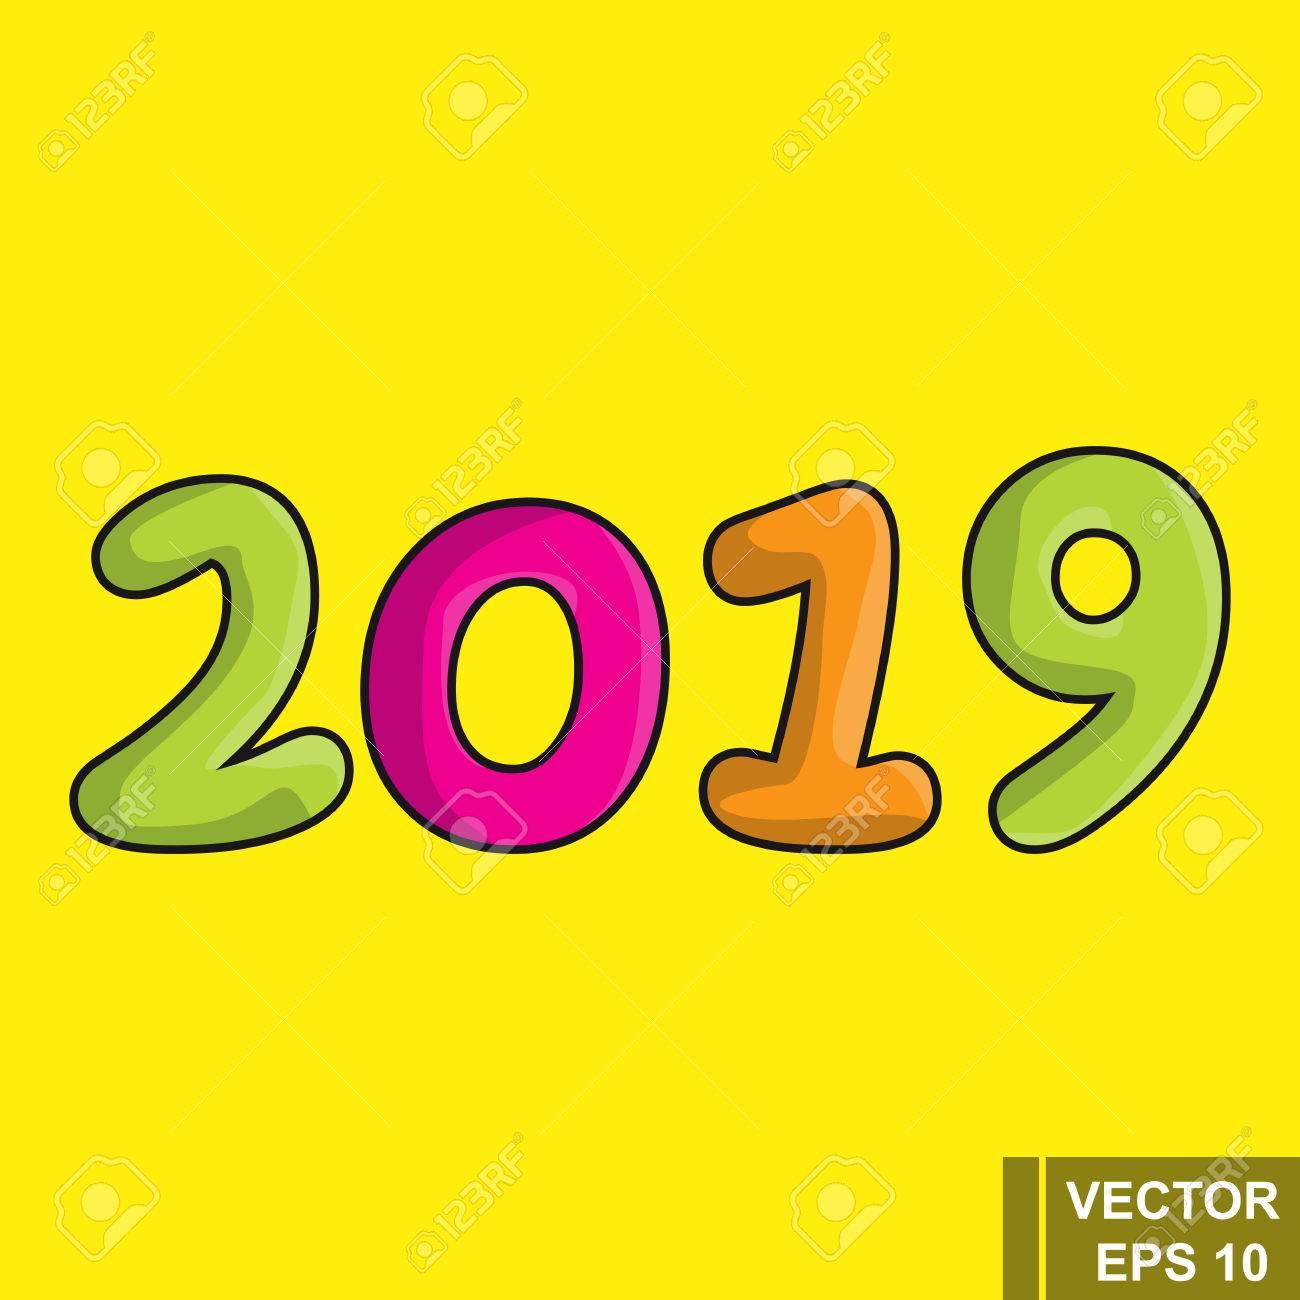 Calendario Dibujo 2019.Ano Nuevo 2019 Figuras De Dibujos Animados Aislados En Un Fondo Amarillo Celebracion El Calendario